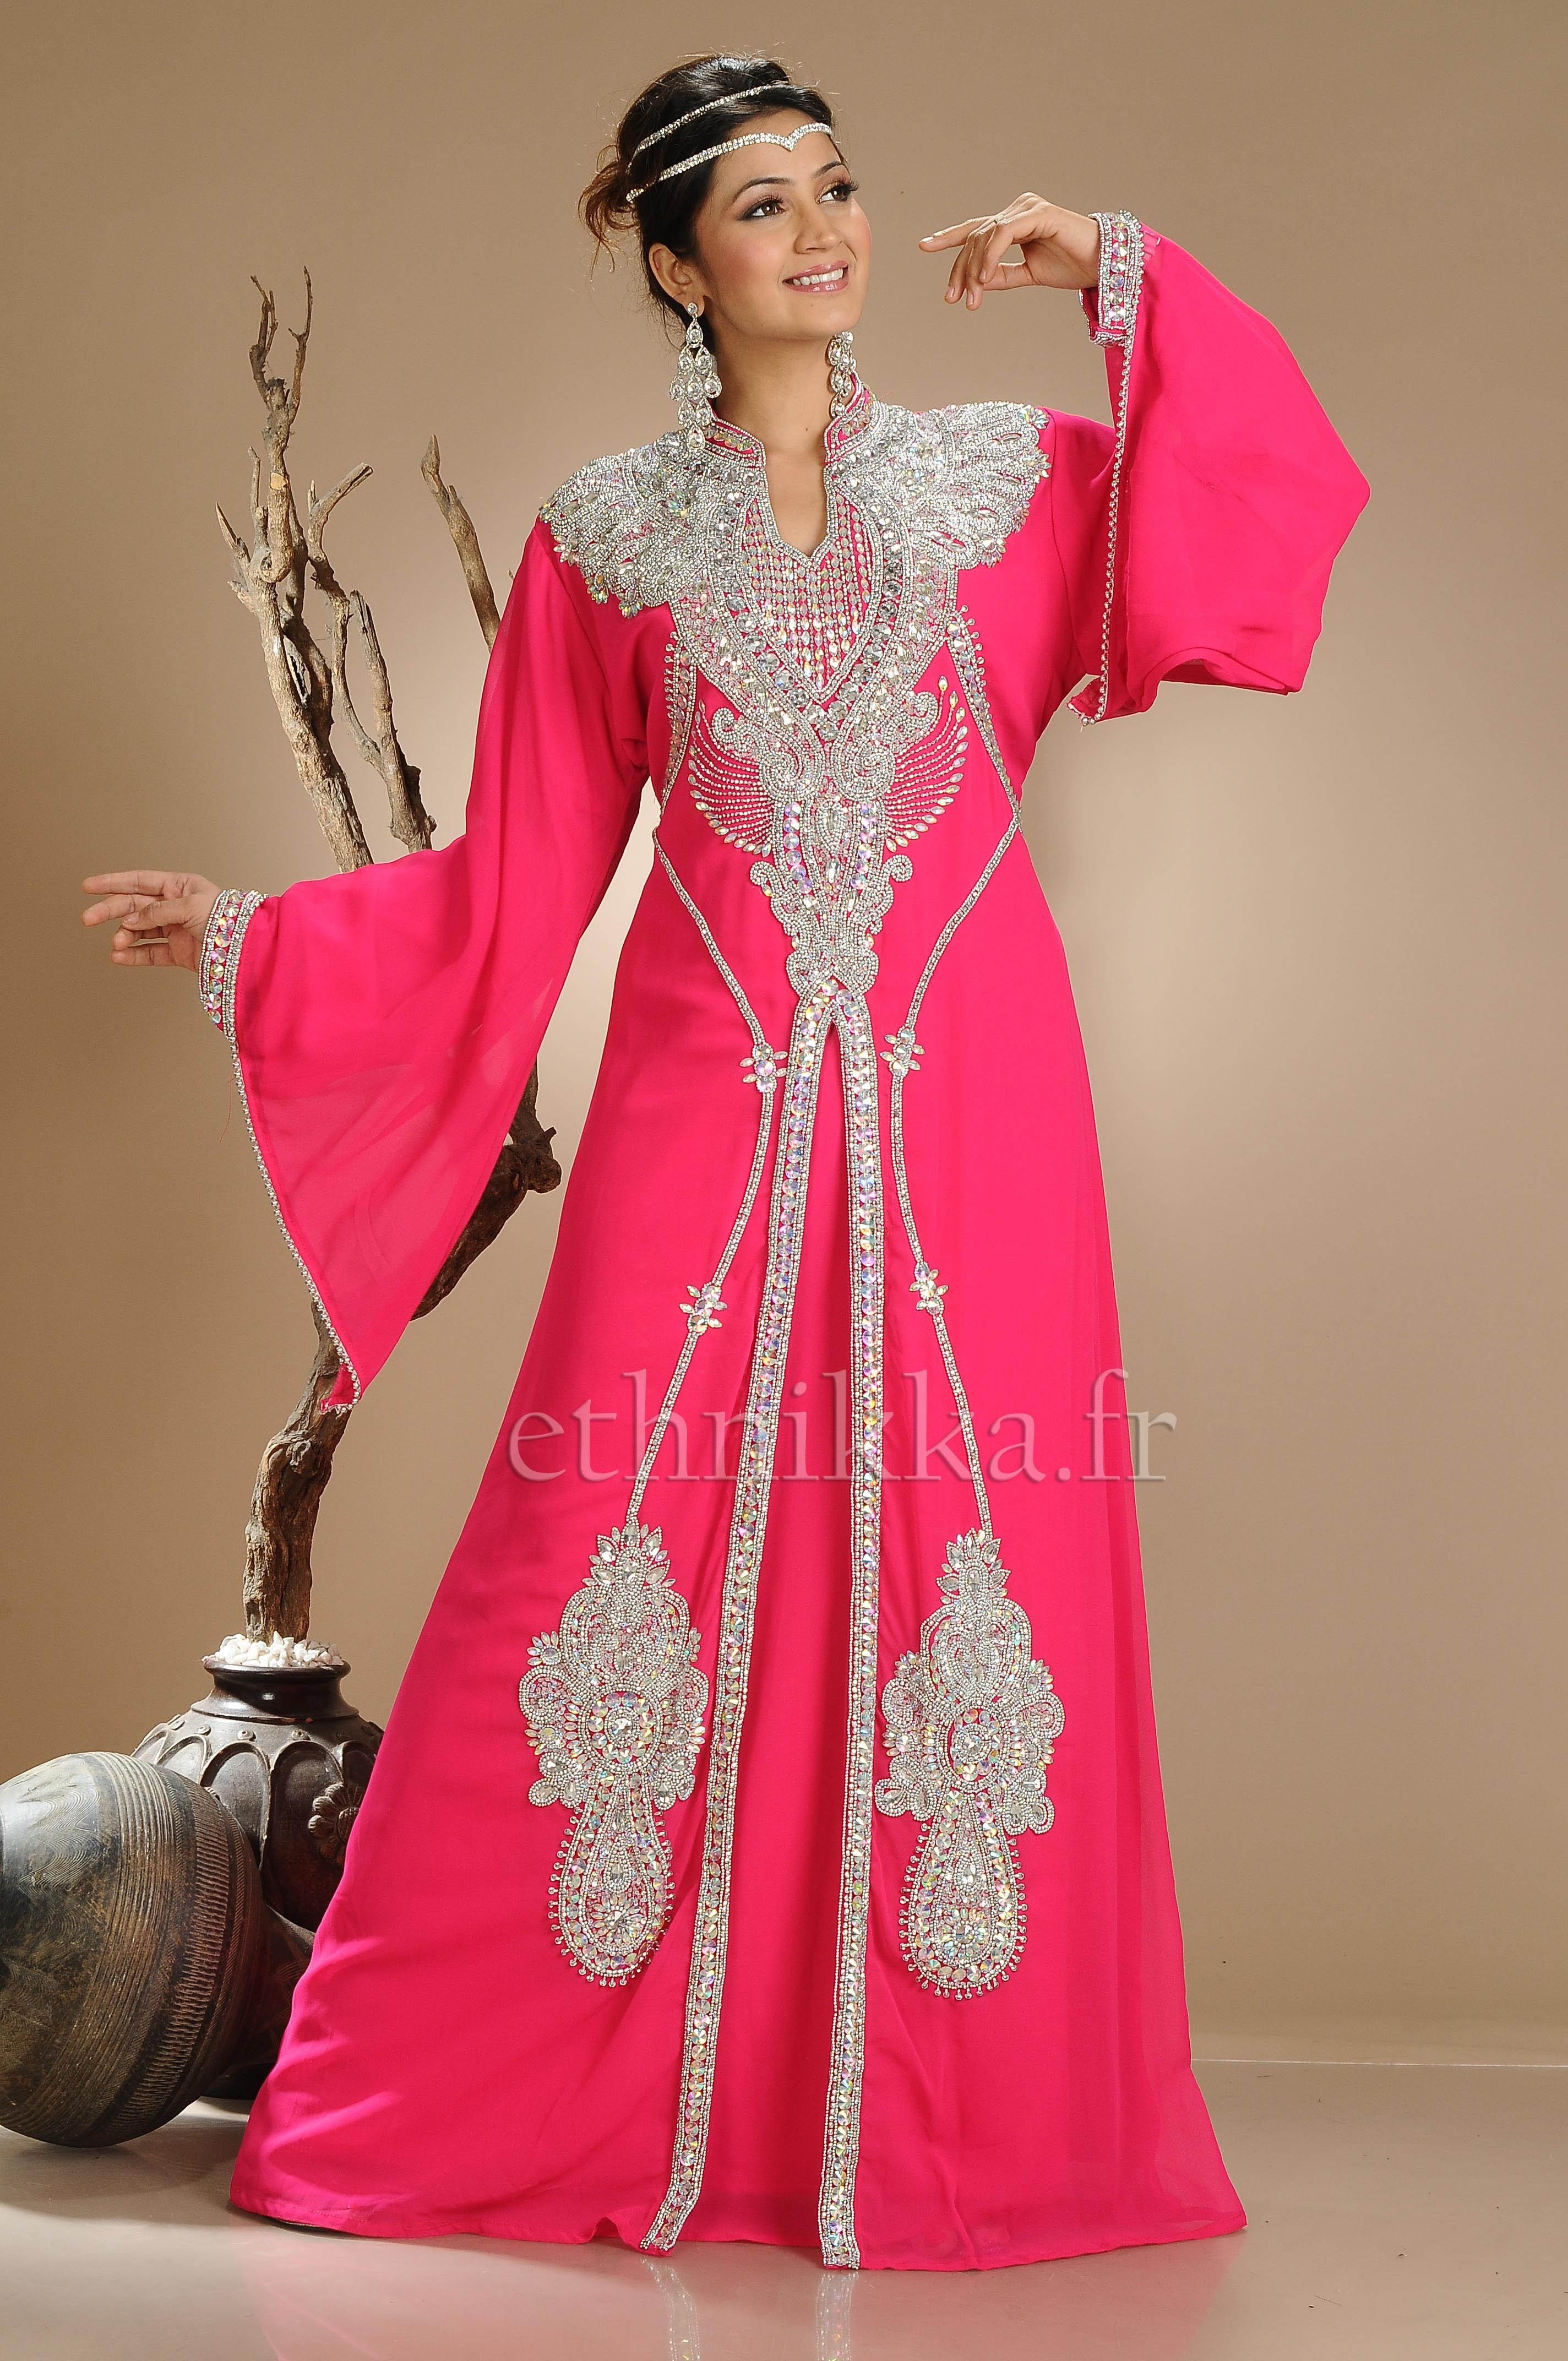 Ou acheter des robes dubai for Boutique de location de robe de mariage dubai